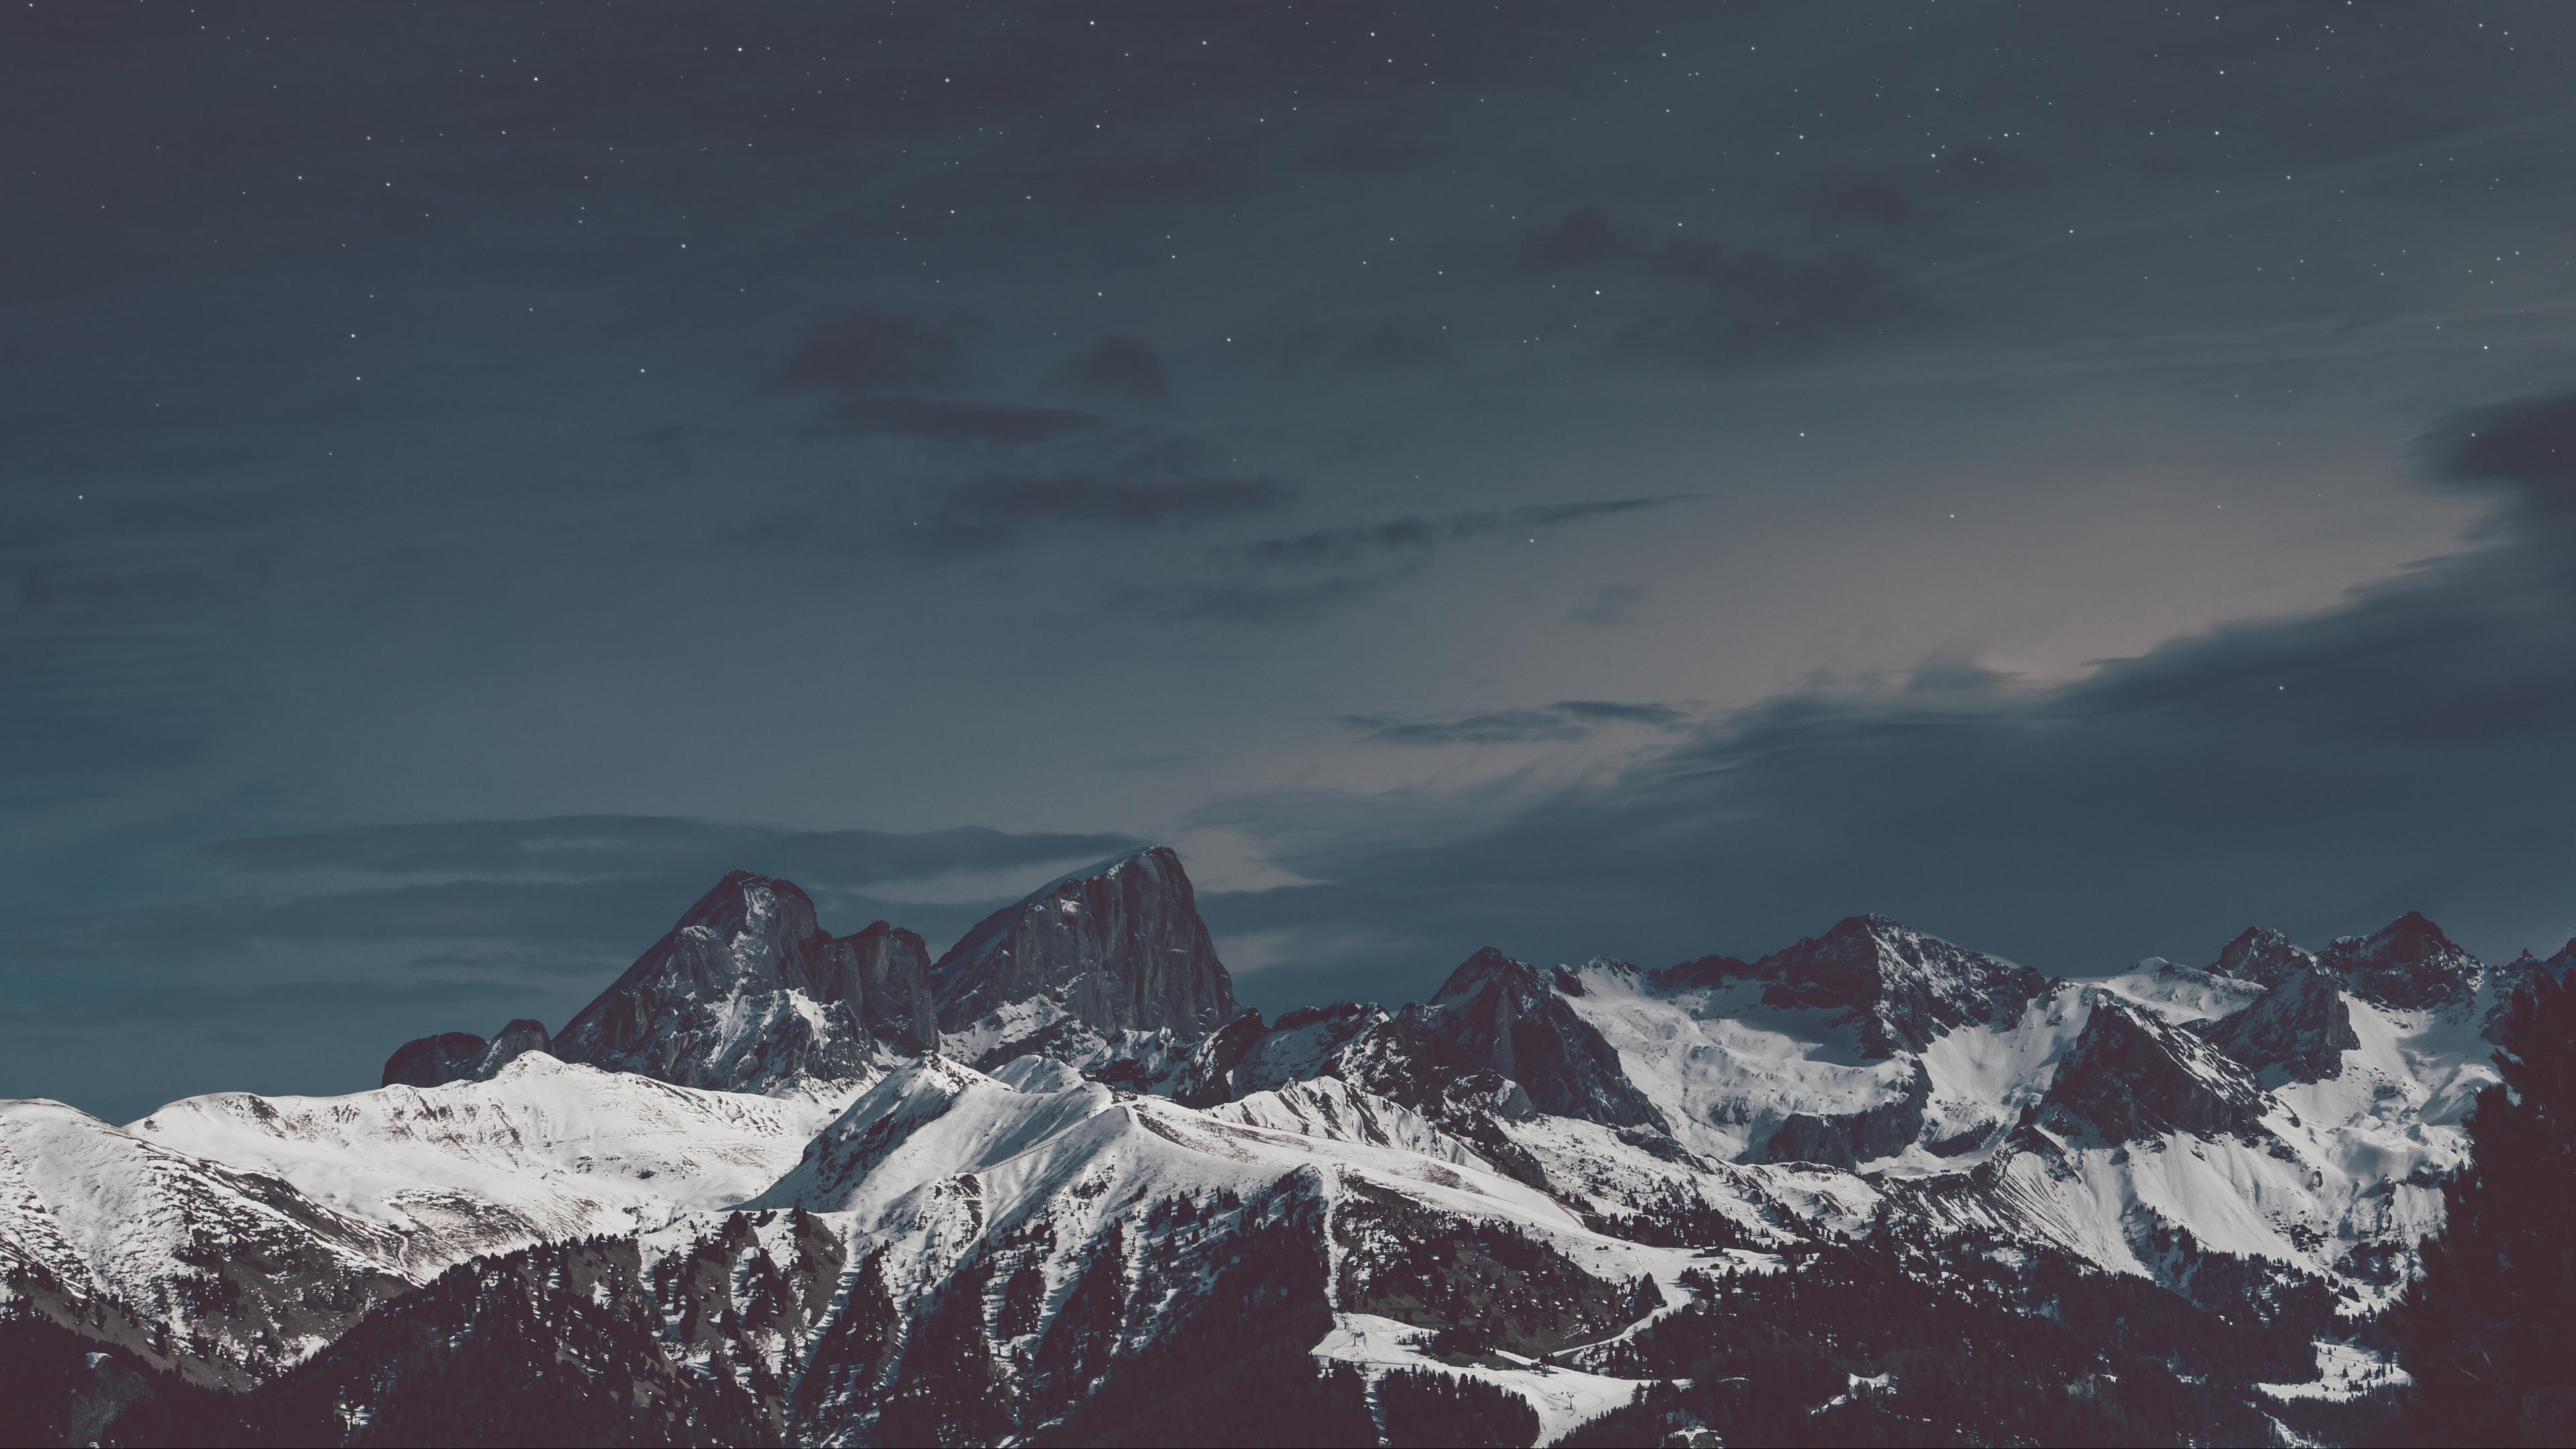 mountains snow sky night 4k 1541116578 - mountains, snow, sky, night 4k - Snow, Sky, Mountains